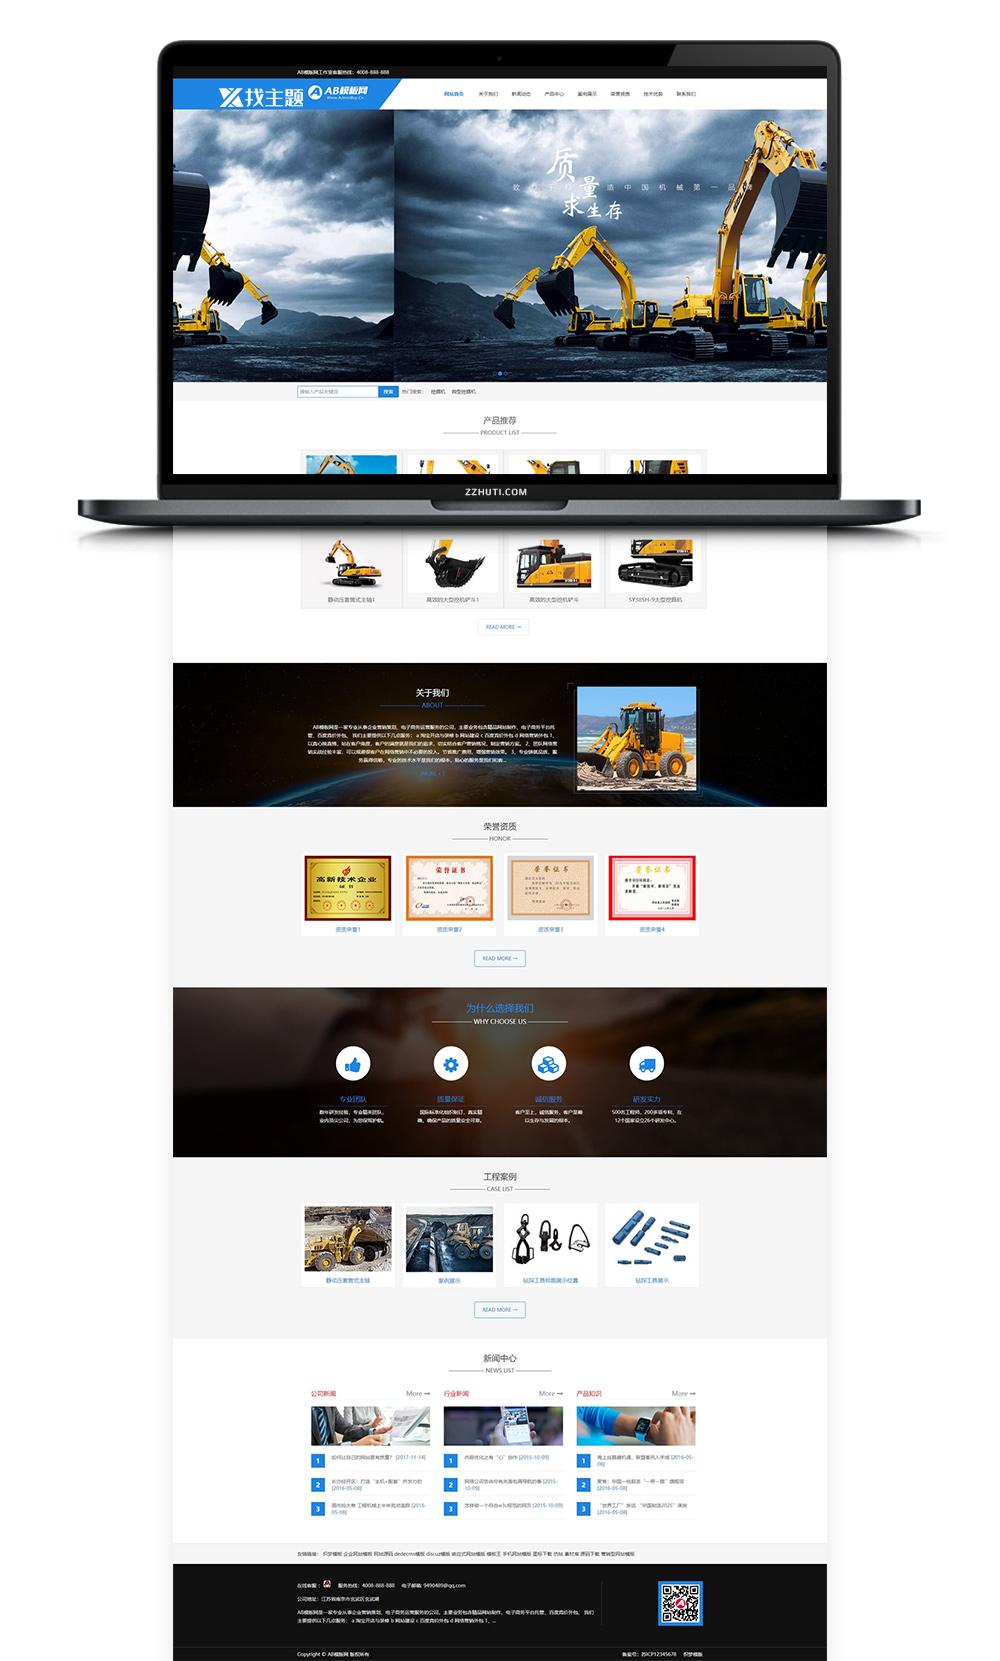 【机械设备】织梦cms蓝色模板 HTML5响应式挖掘机网站源码[自适应手机版]-找主题源码